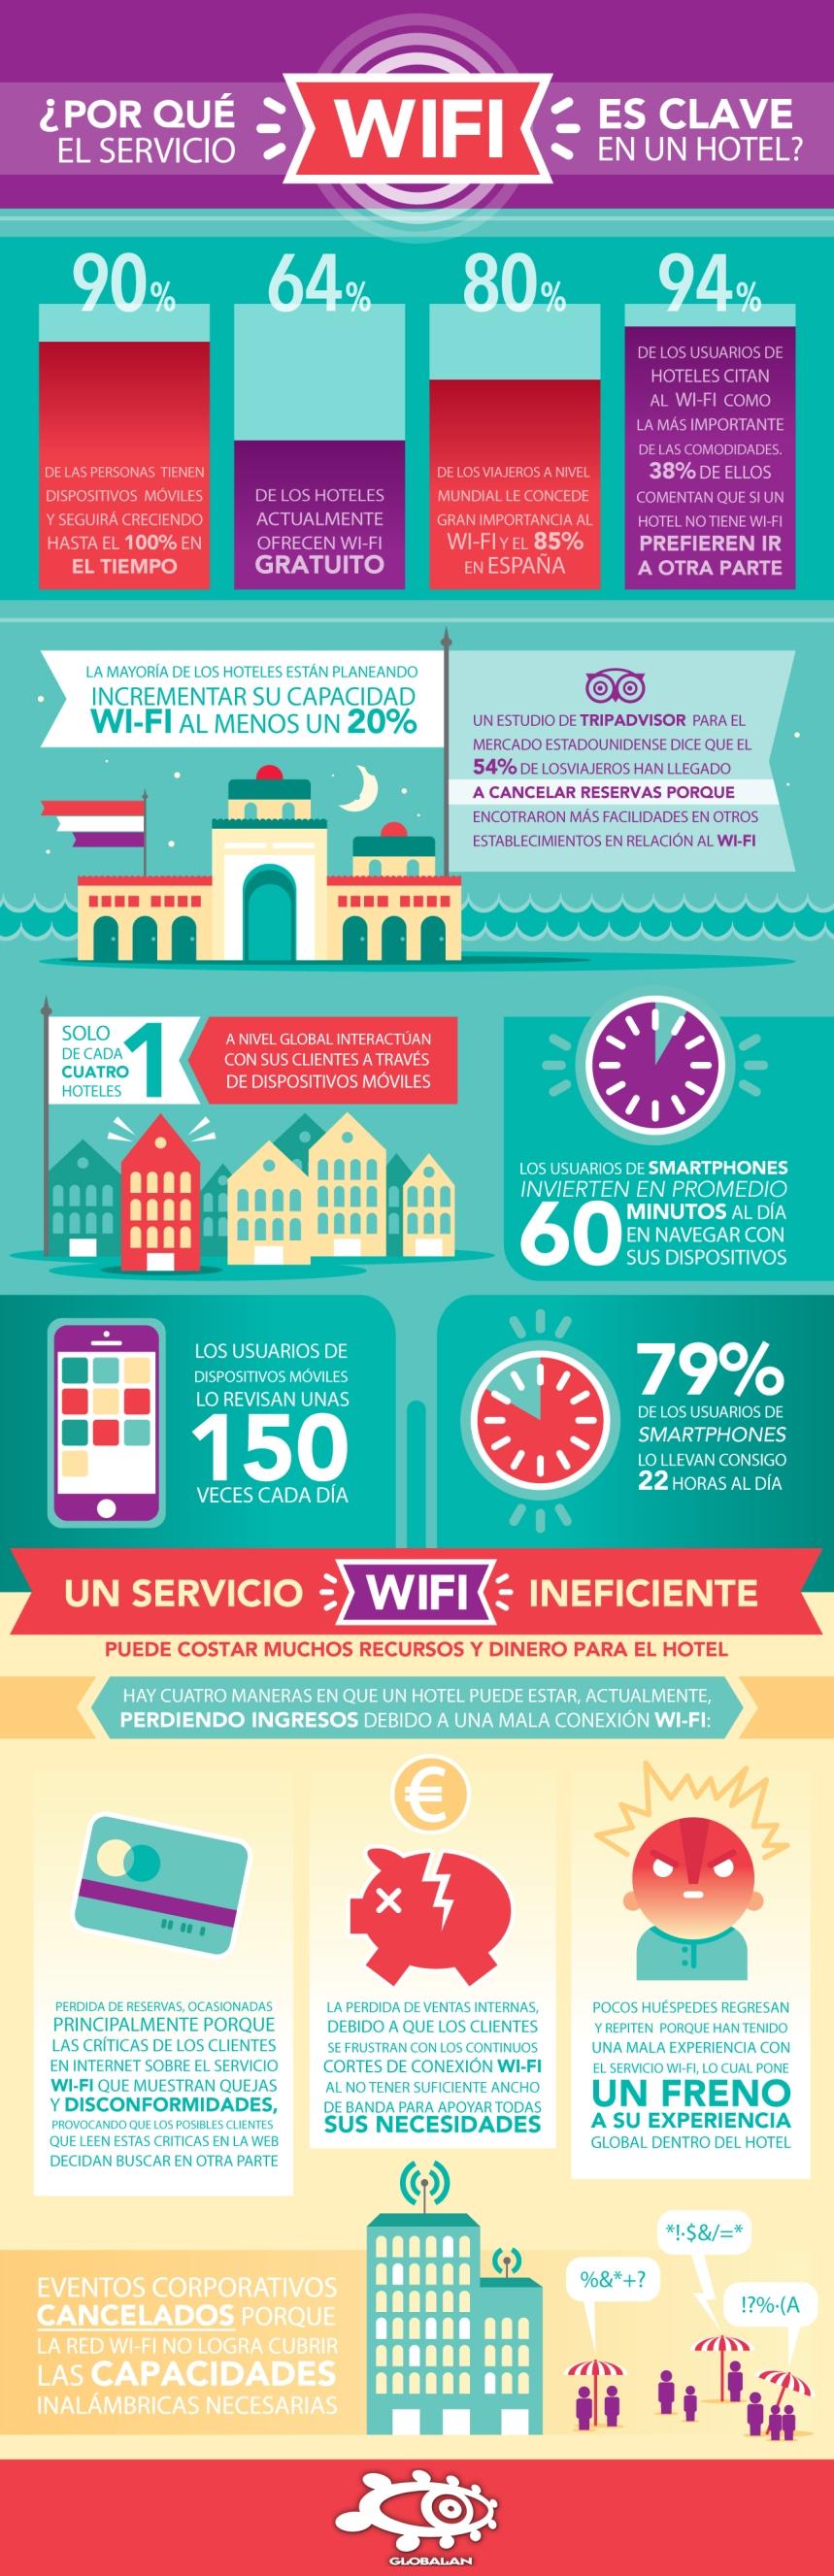 Por qué la WiFi es crítica para un Hotel